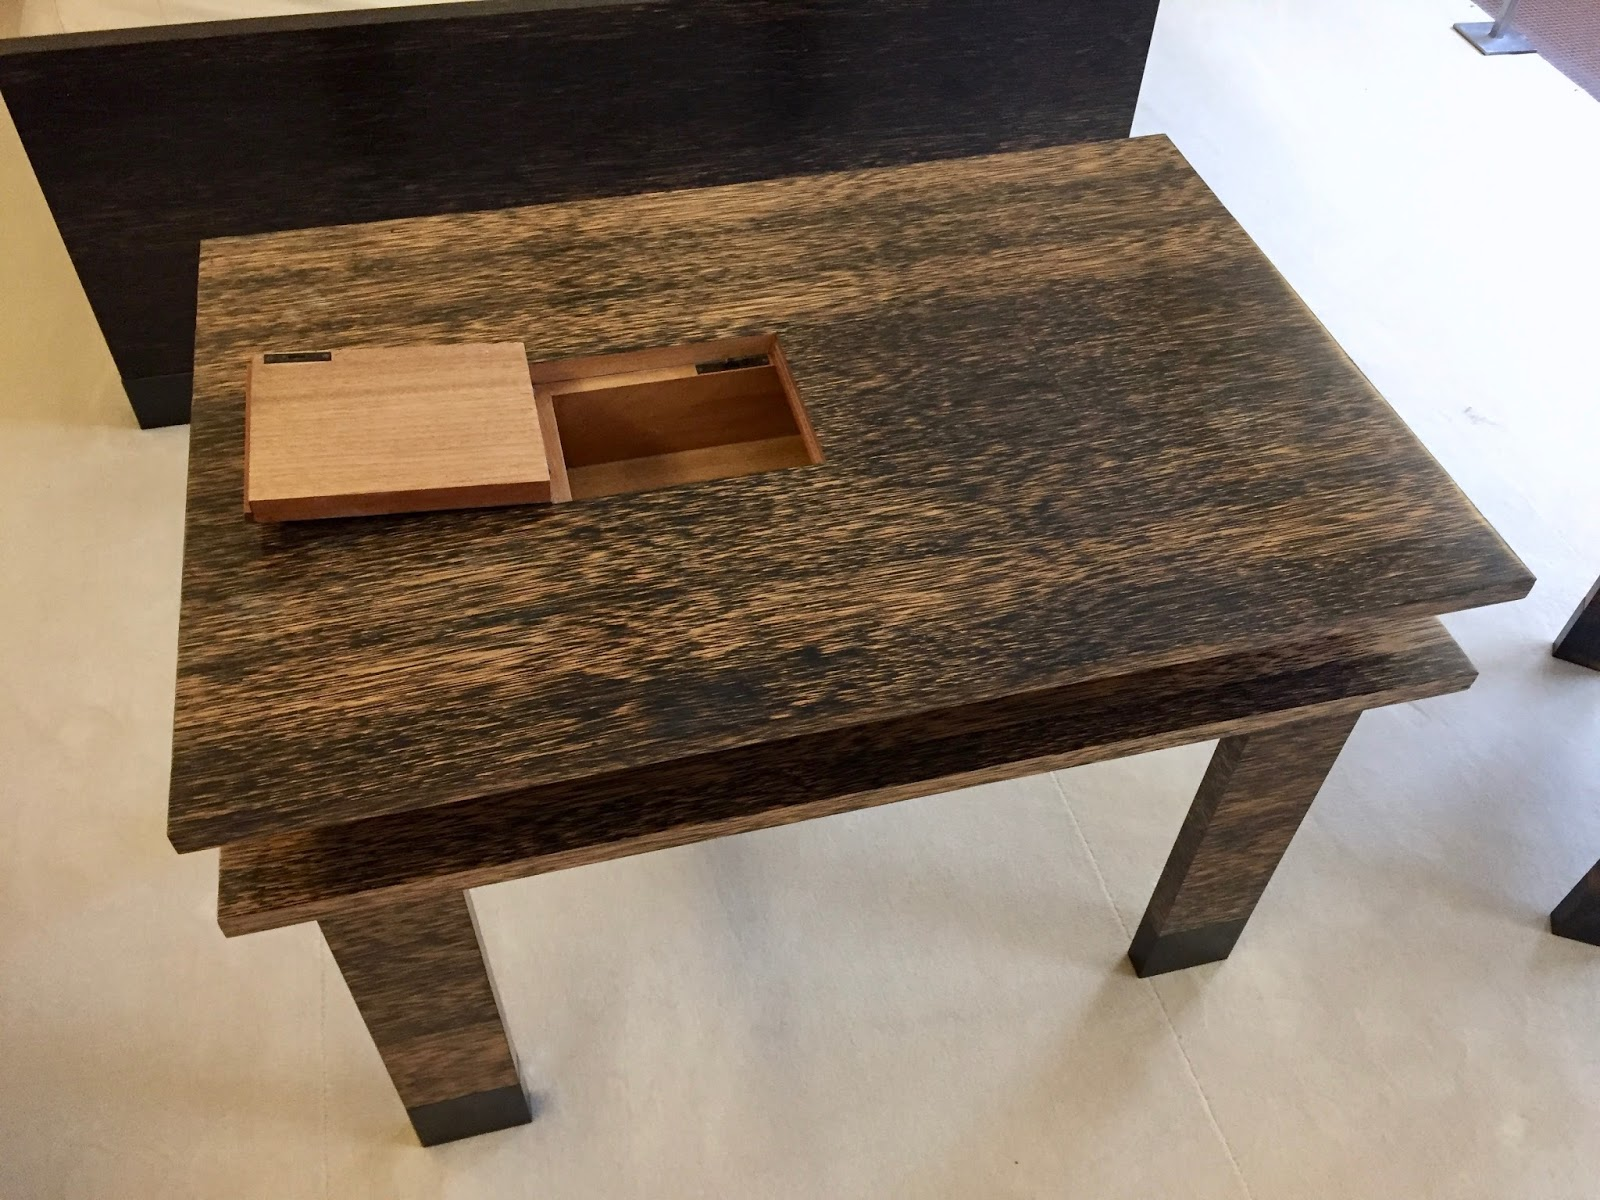 Le blog des amis de la villa cavrois la chambre des parents for Restauration meuble japonais